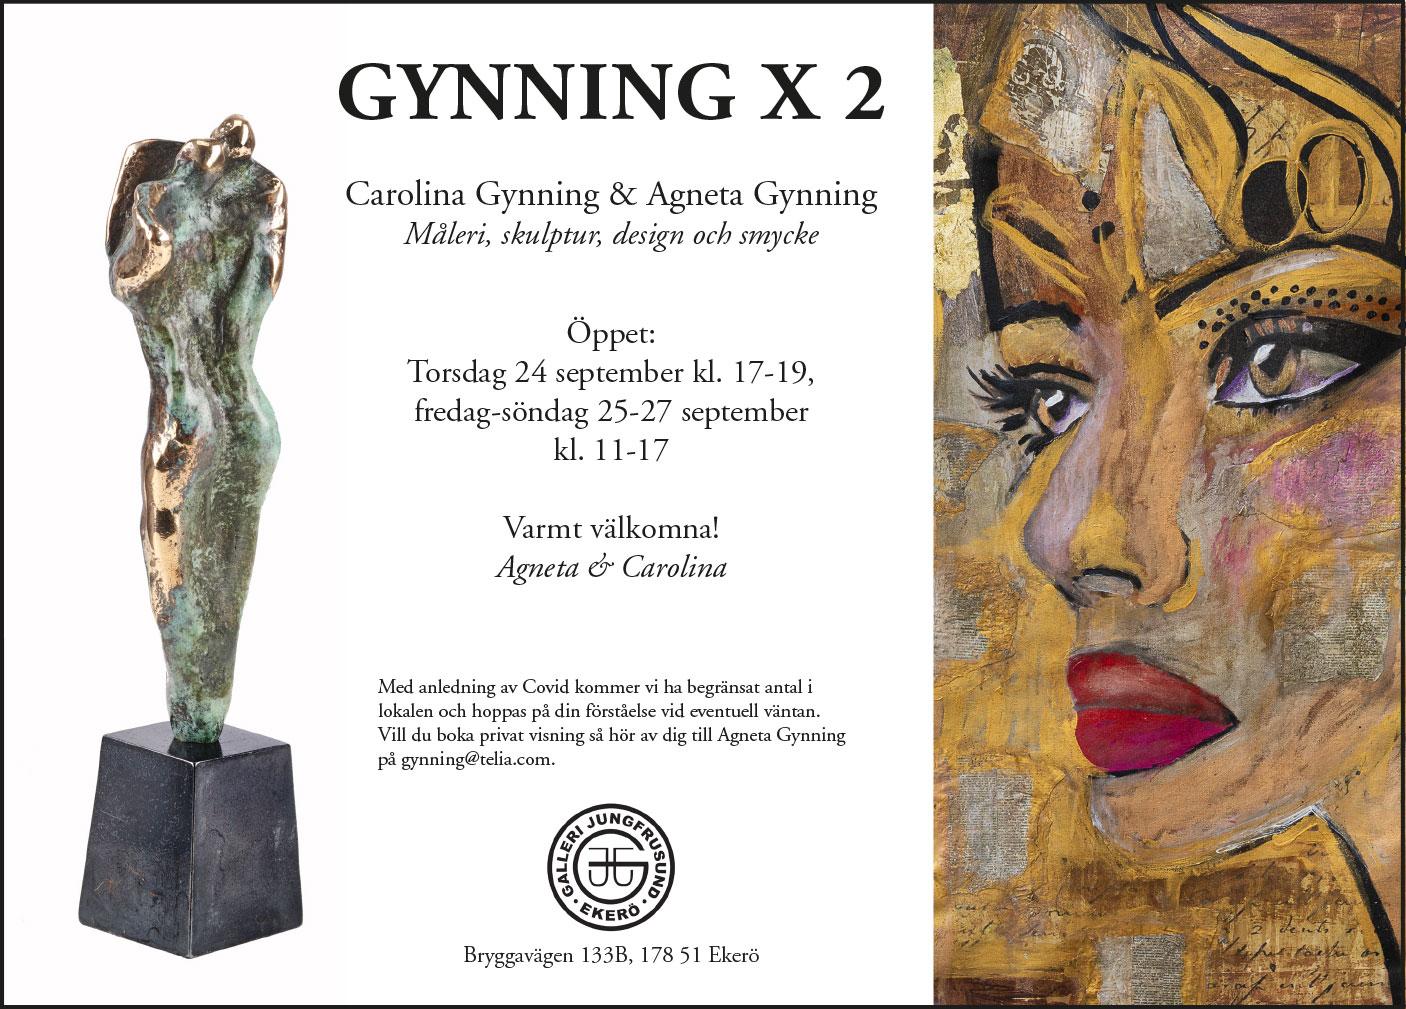 inbjudan-Gynningx2-Ekero-2020